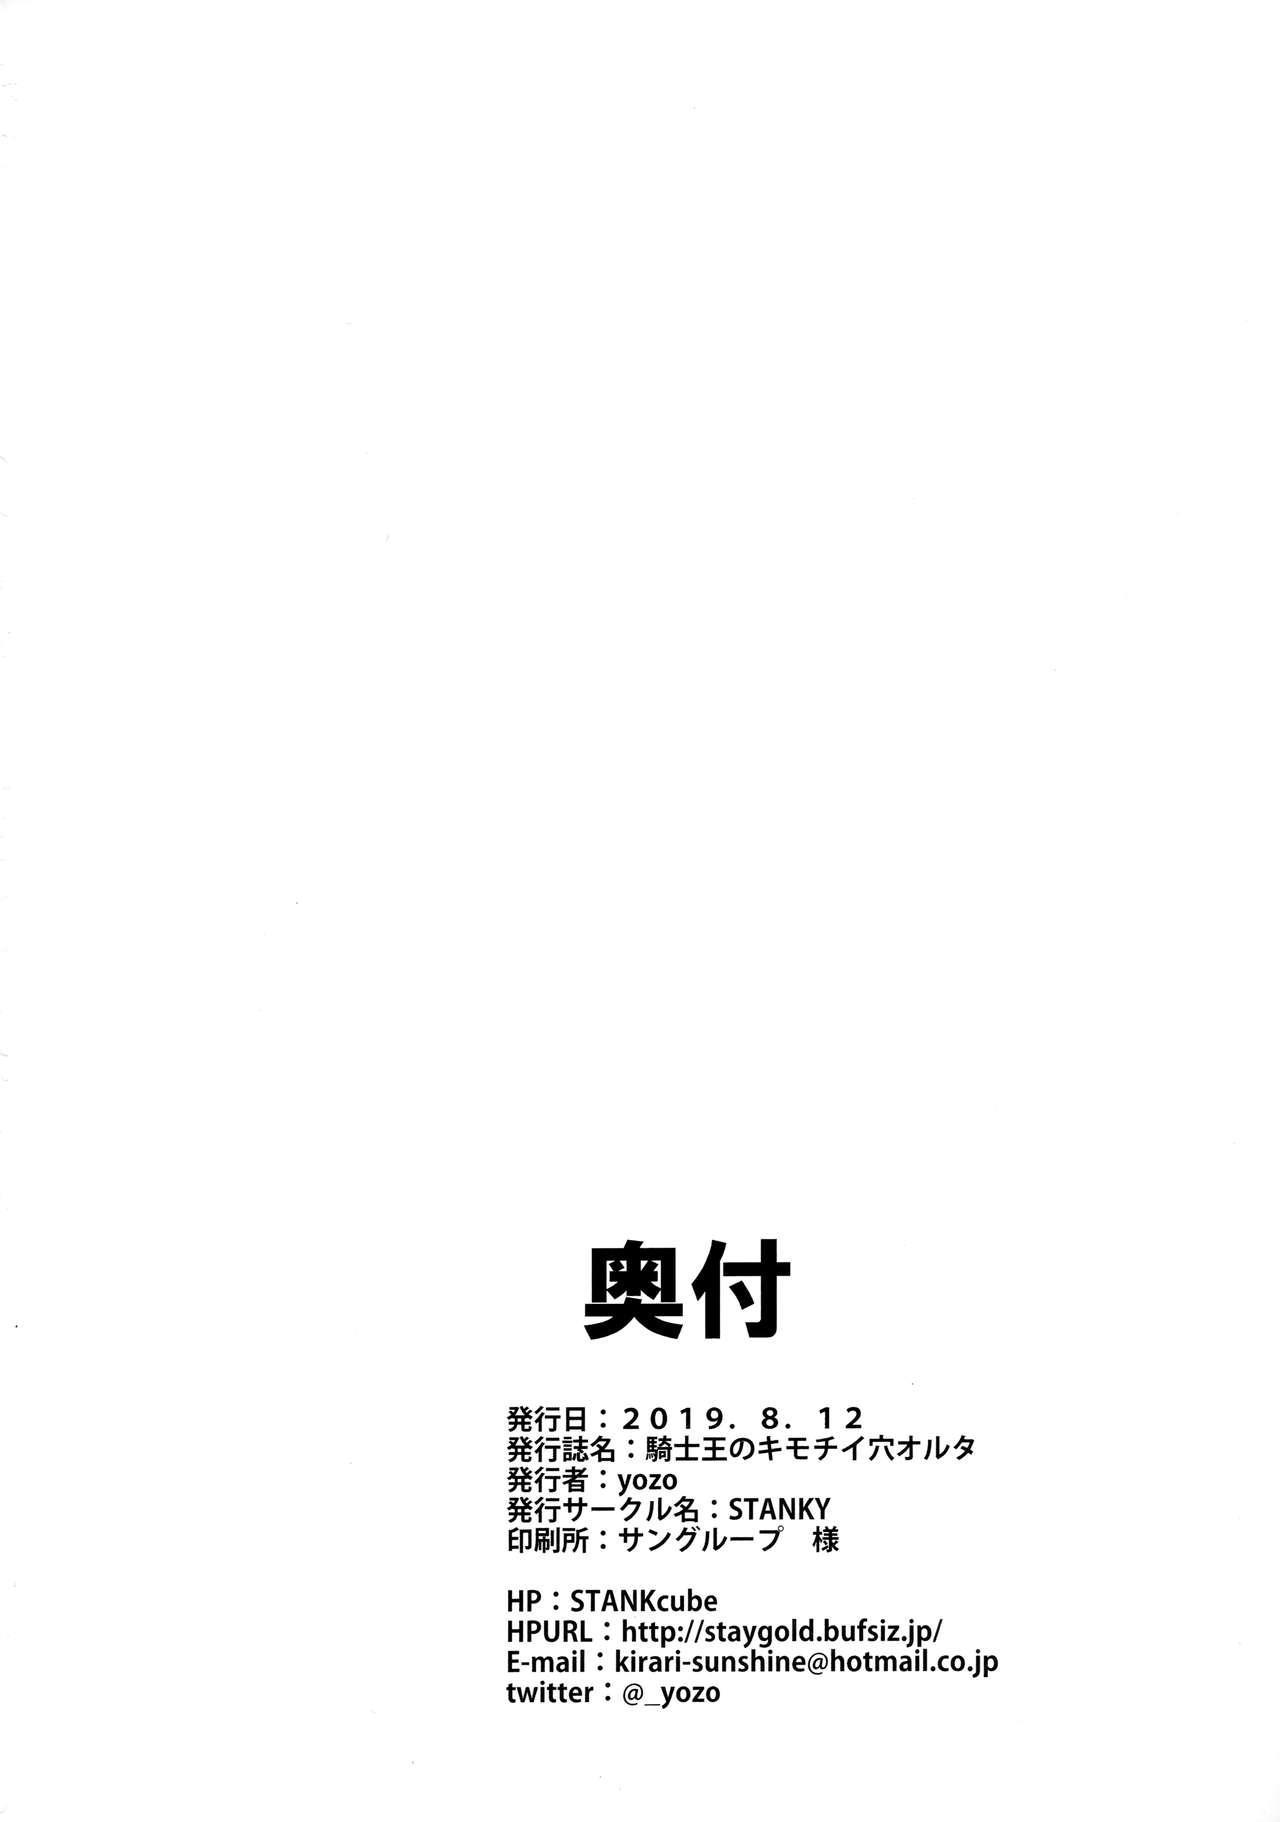 Kishiou no Kimochi Ii Ana 29